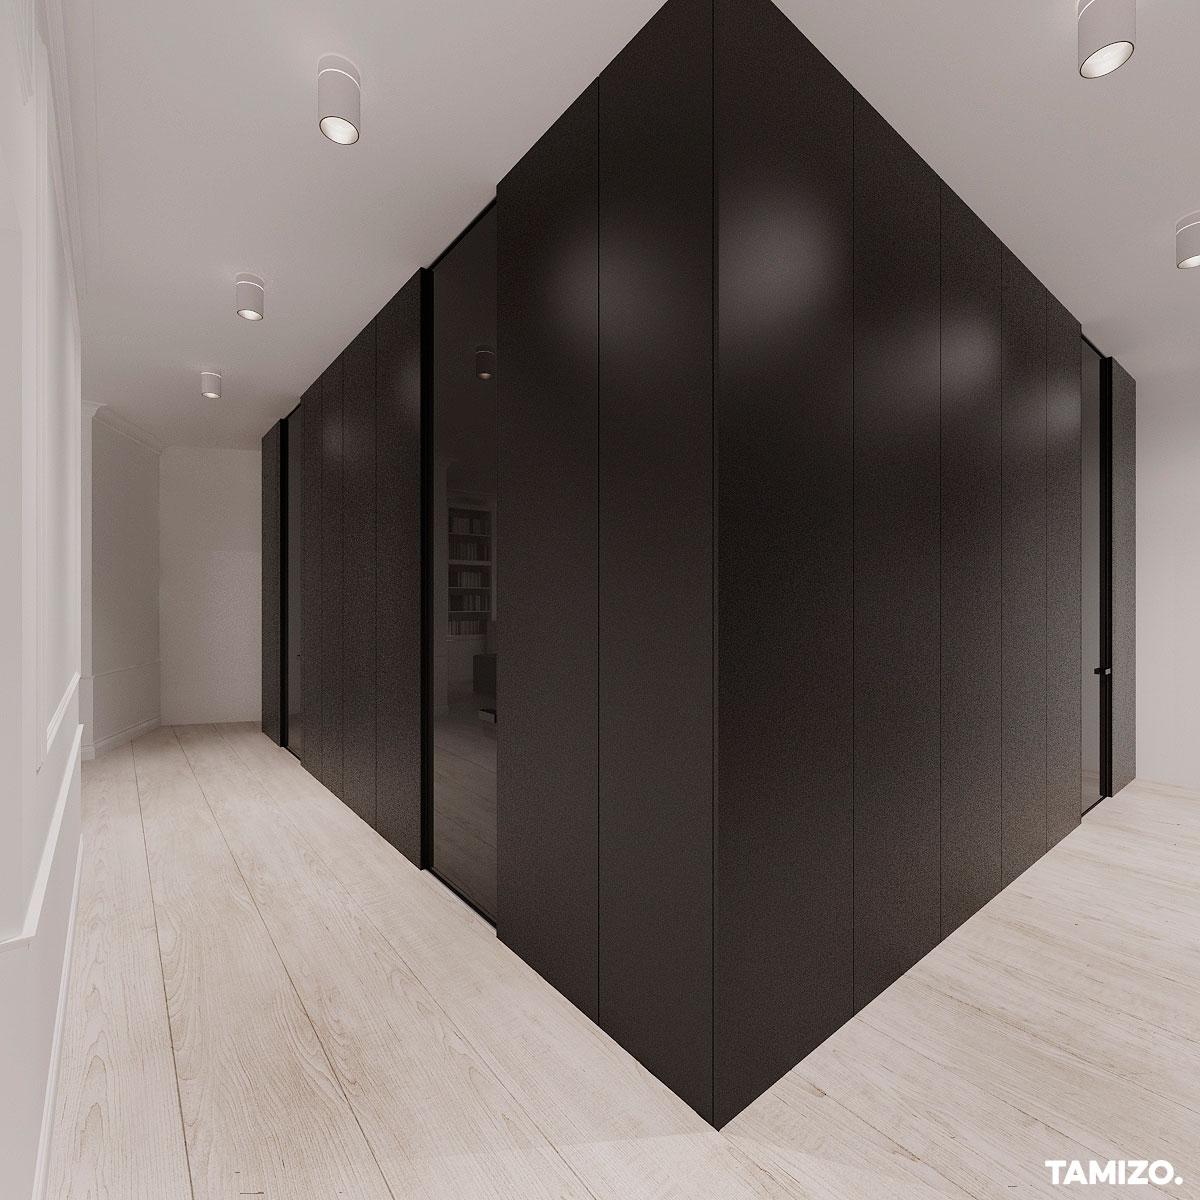 I057_tamizo_architekci_projekt-wnetrz-stara-kamienica-wnetrze-klasyczne-minimalizm-warszawa-11